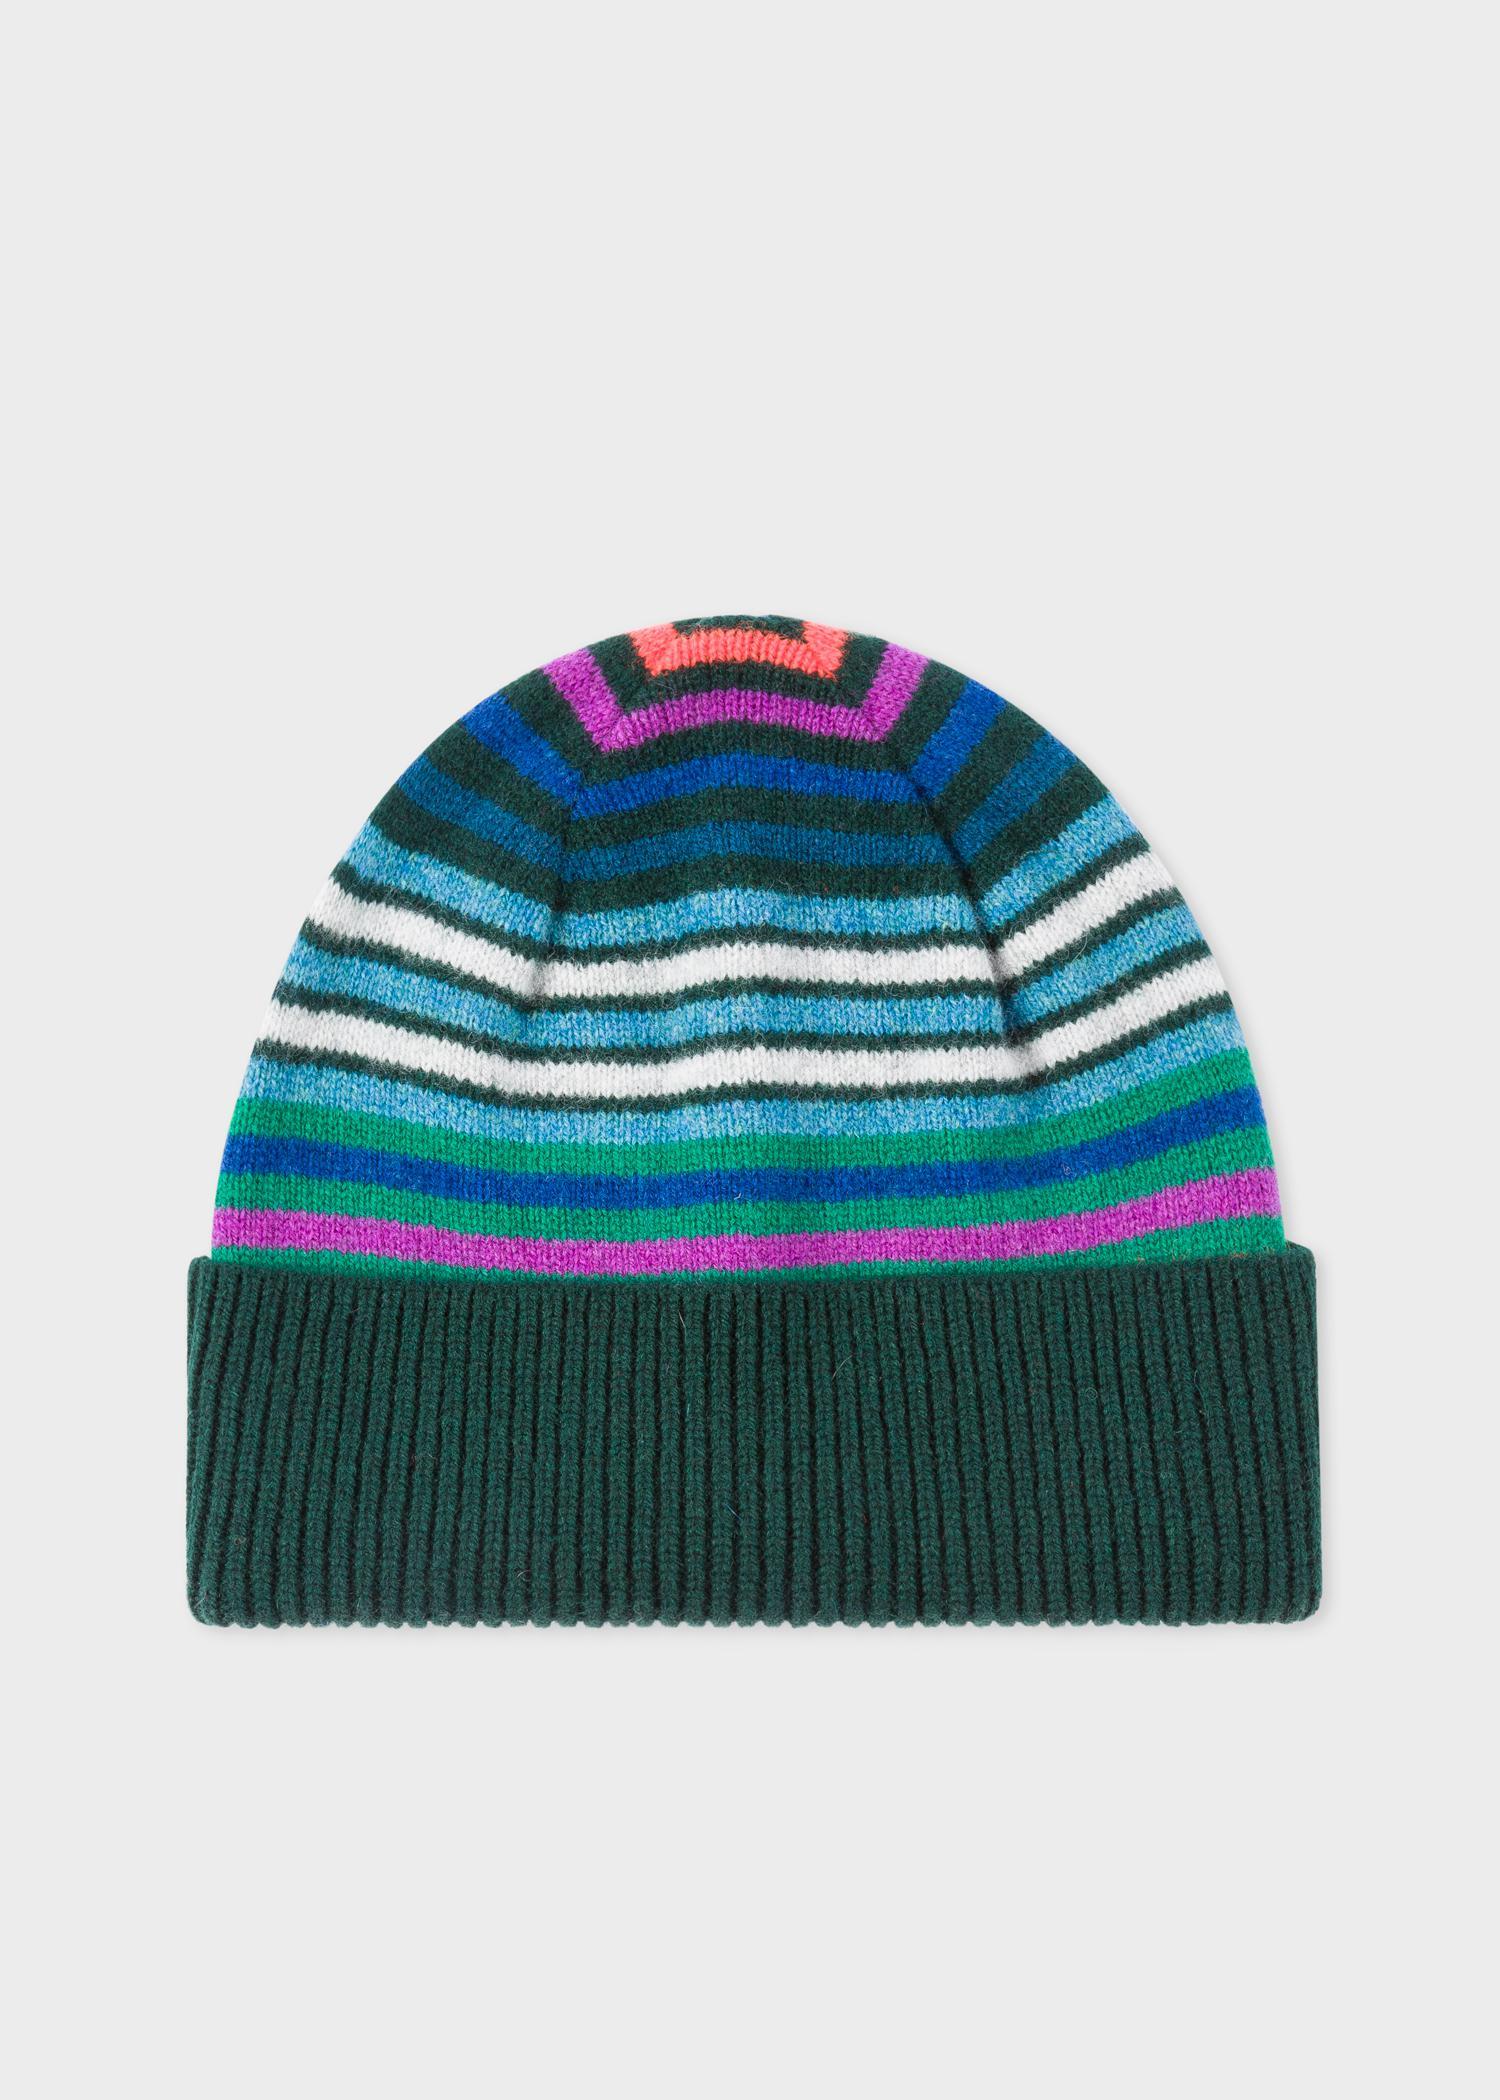 8ba95b50756 Lyst - Paul Smith Dark Green Striped Wool Beanie Hat in Green for Men